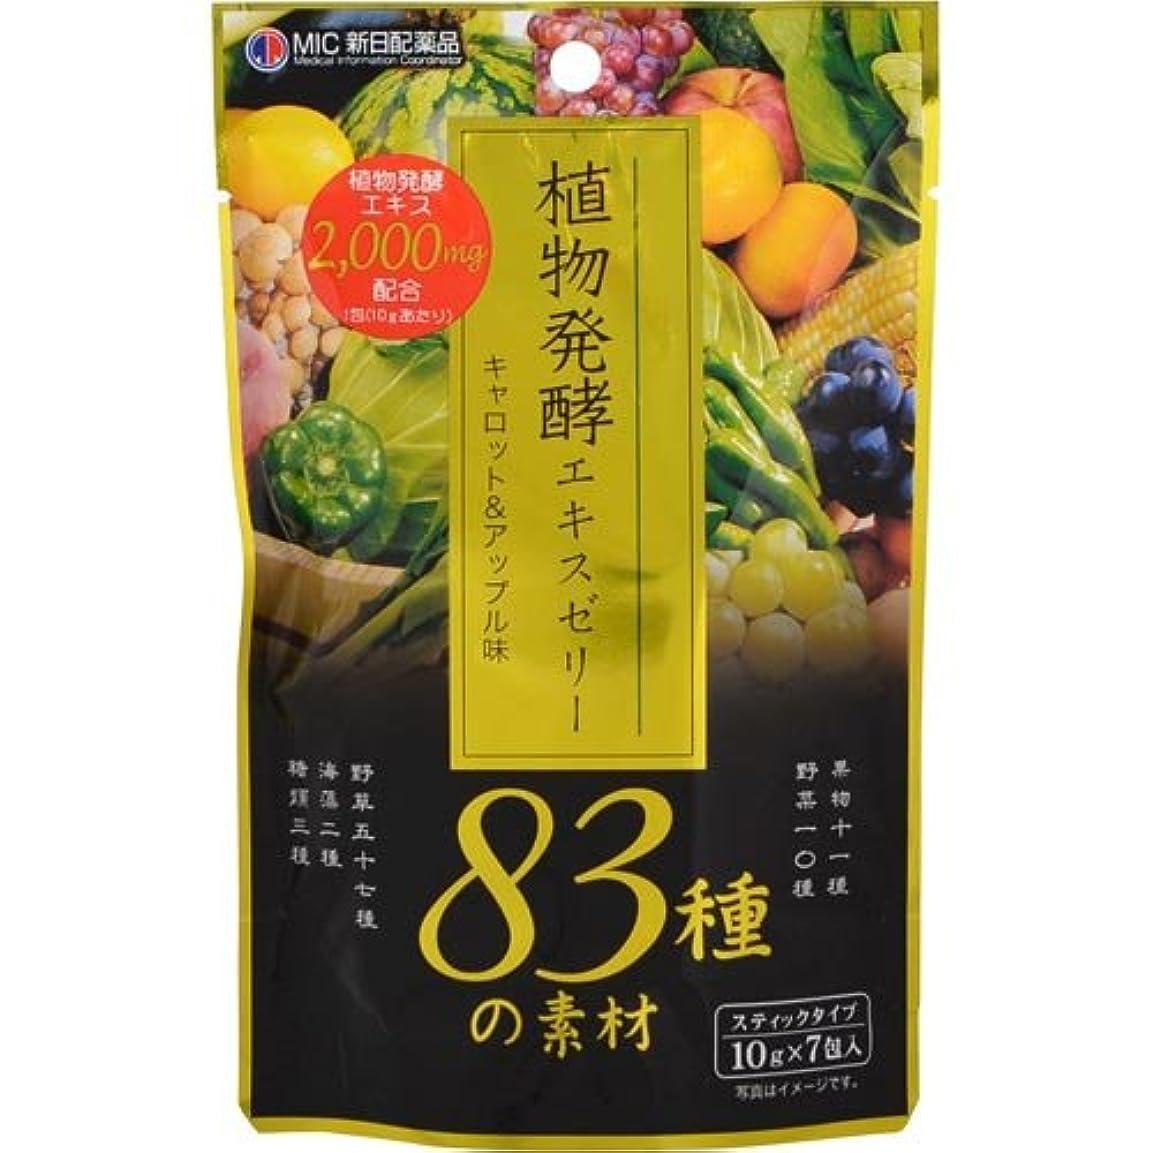 植物醗酵エキスゼリー キャロット&アップル味 10g×7包